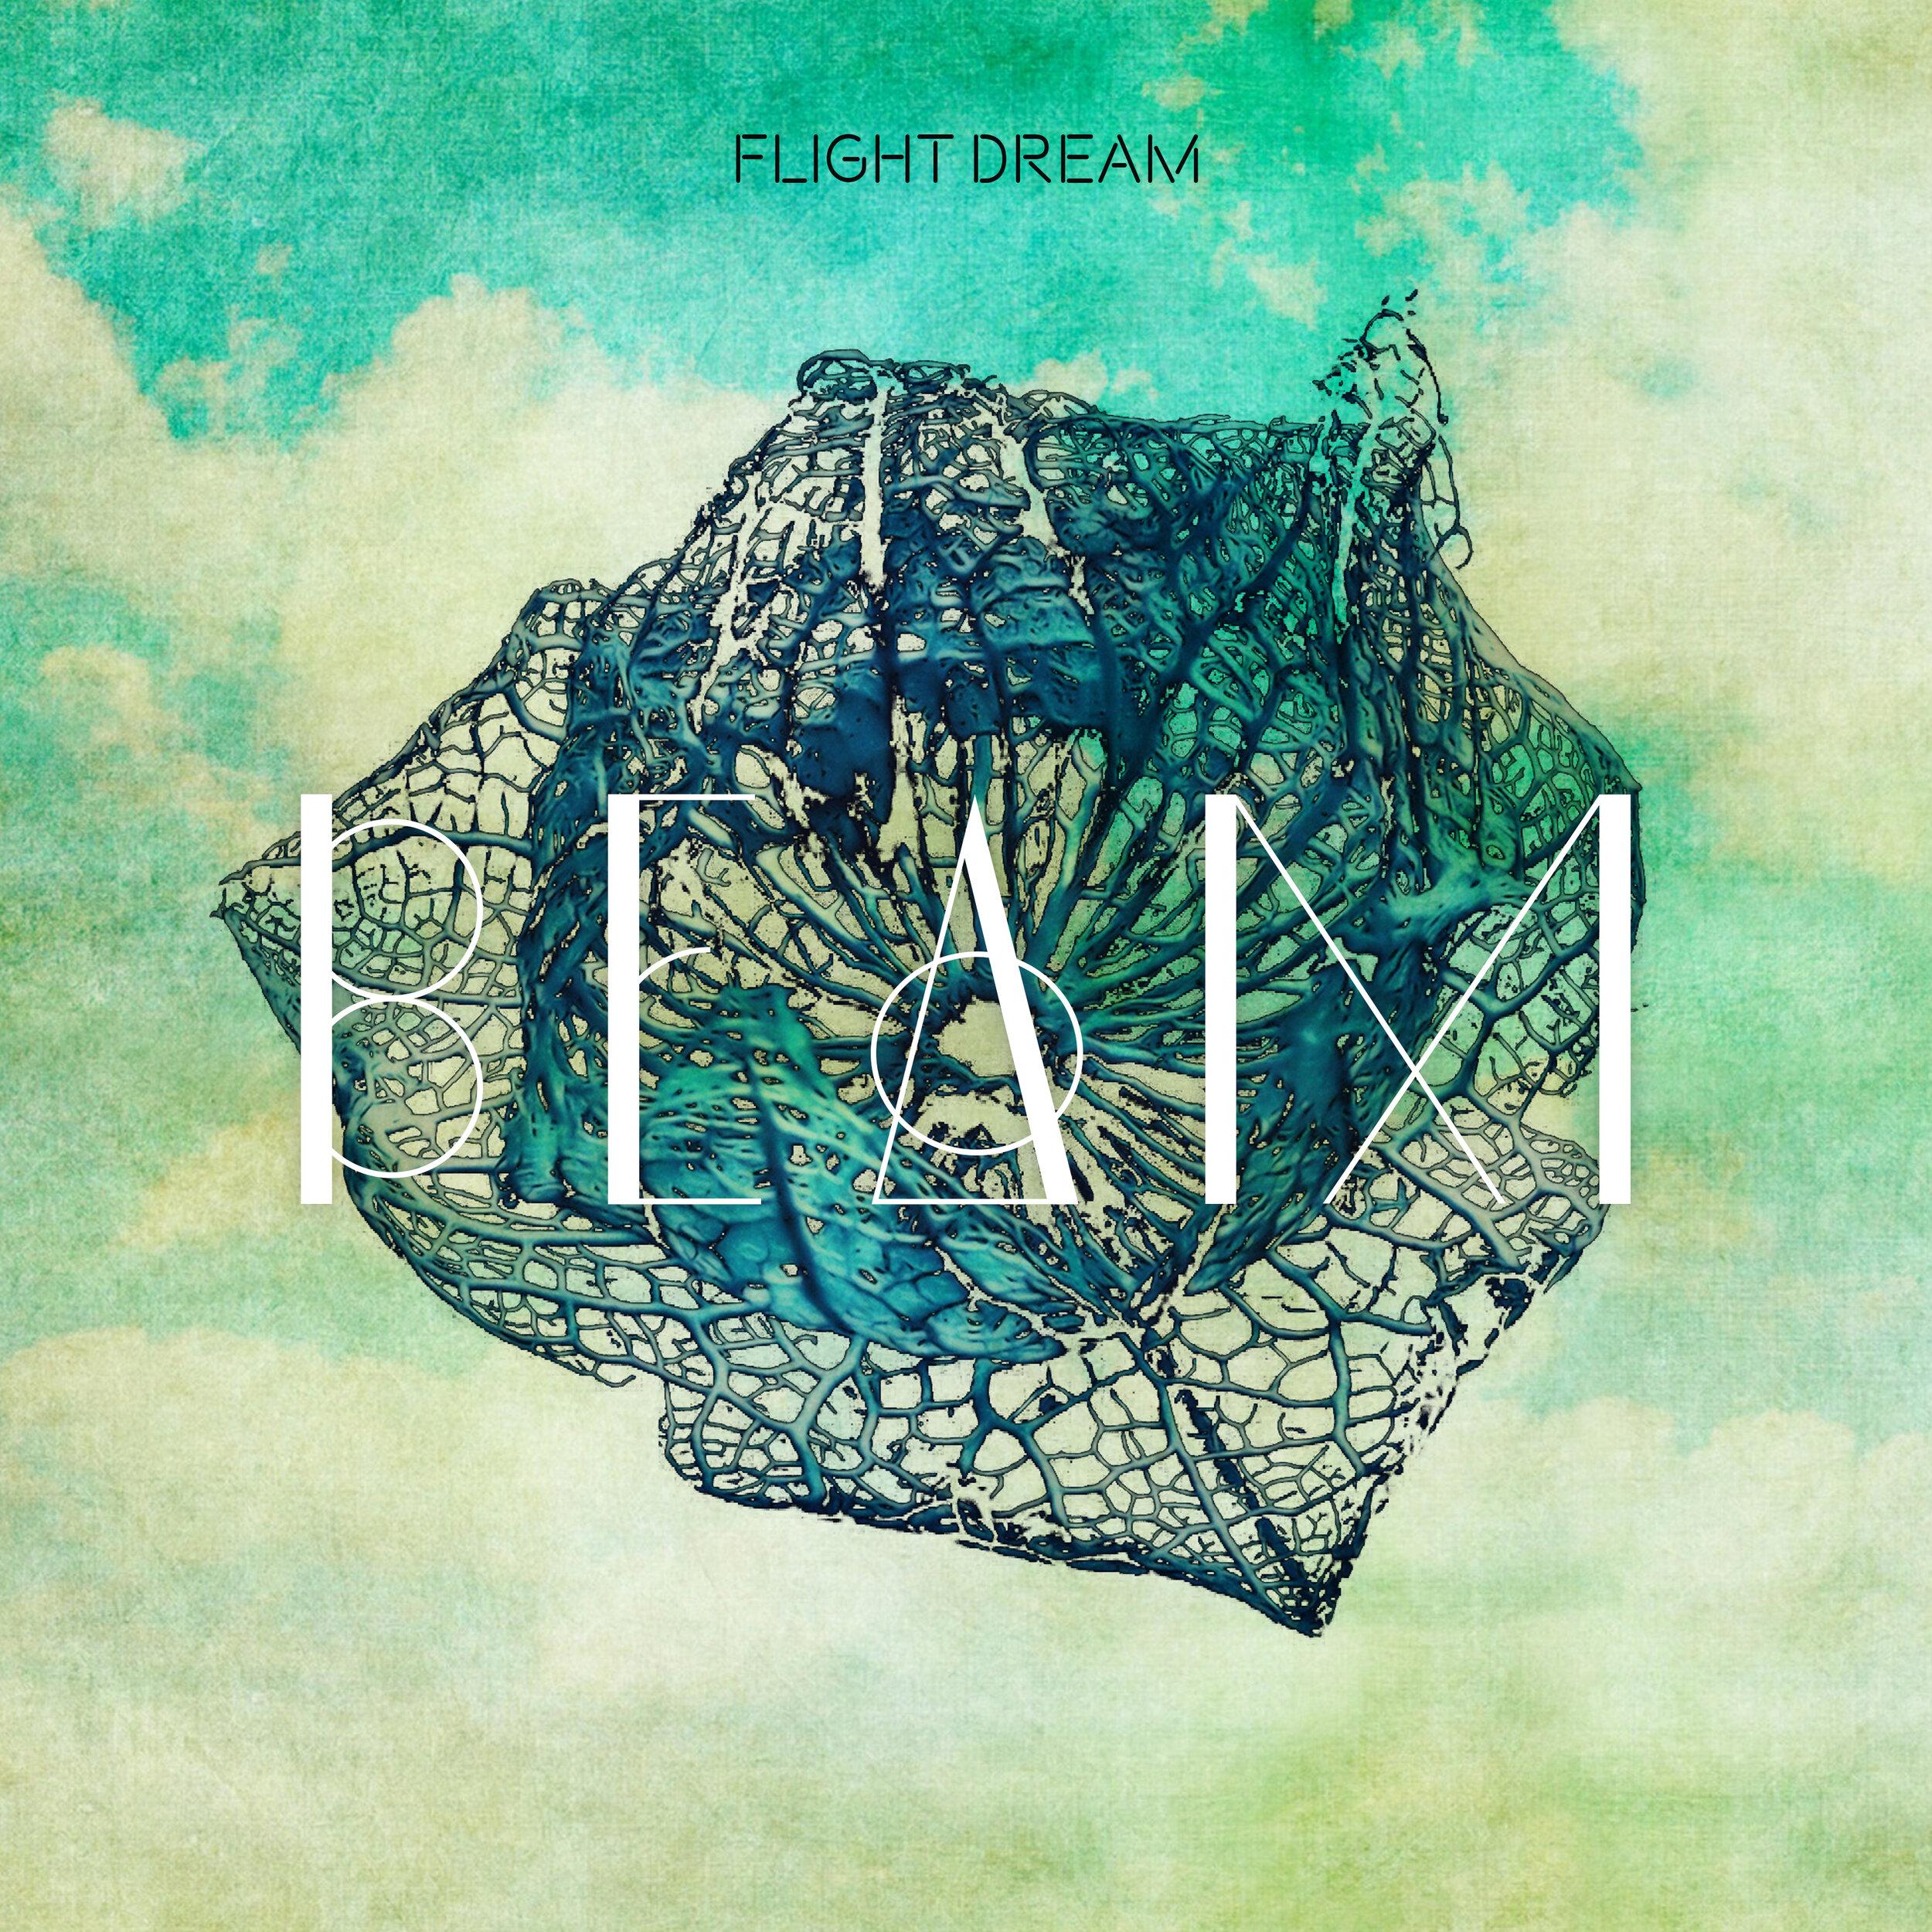 BEAM - Flight Dream - cover.jpg